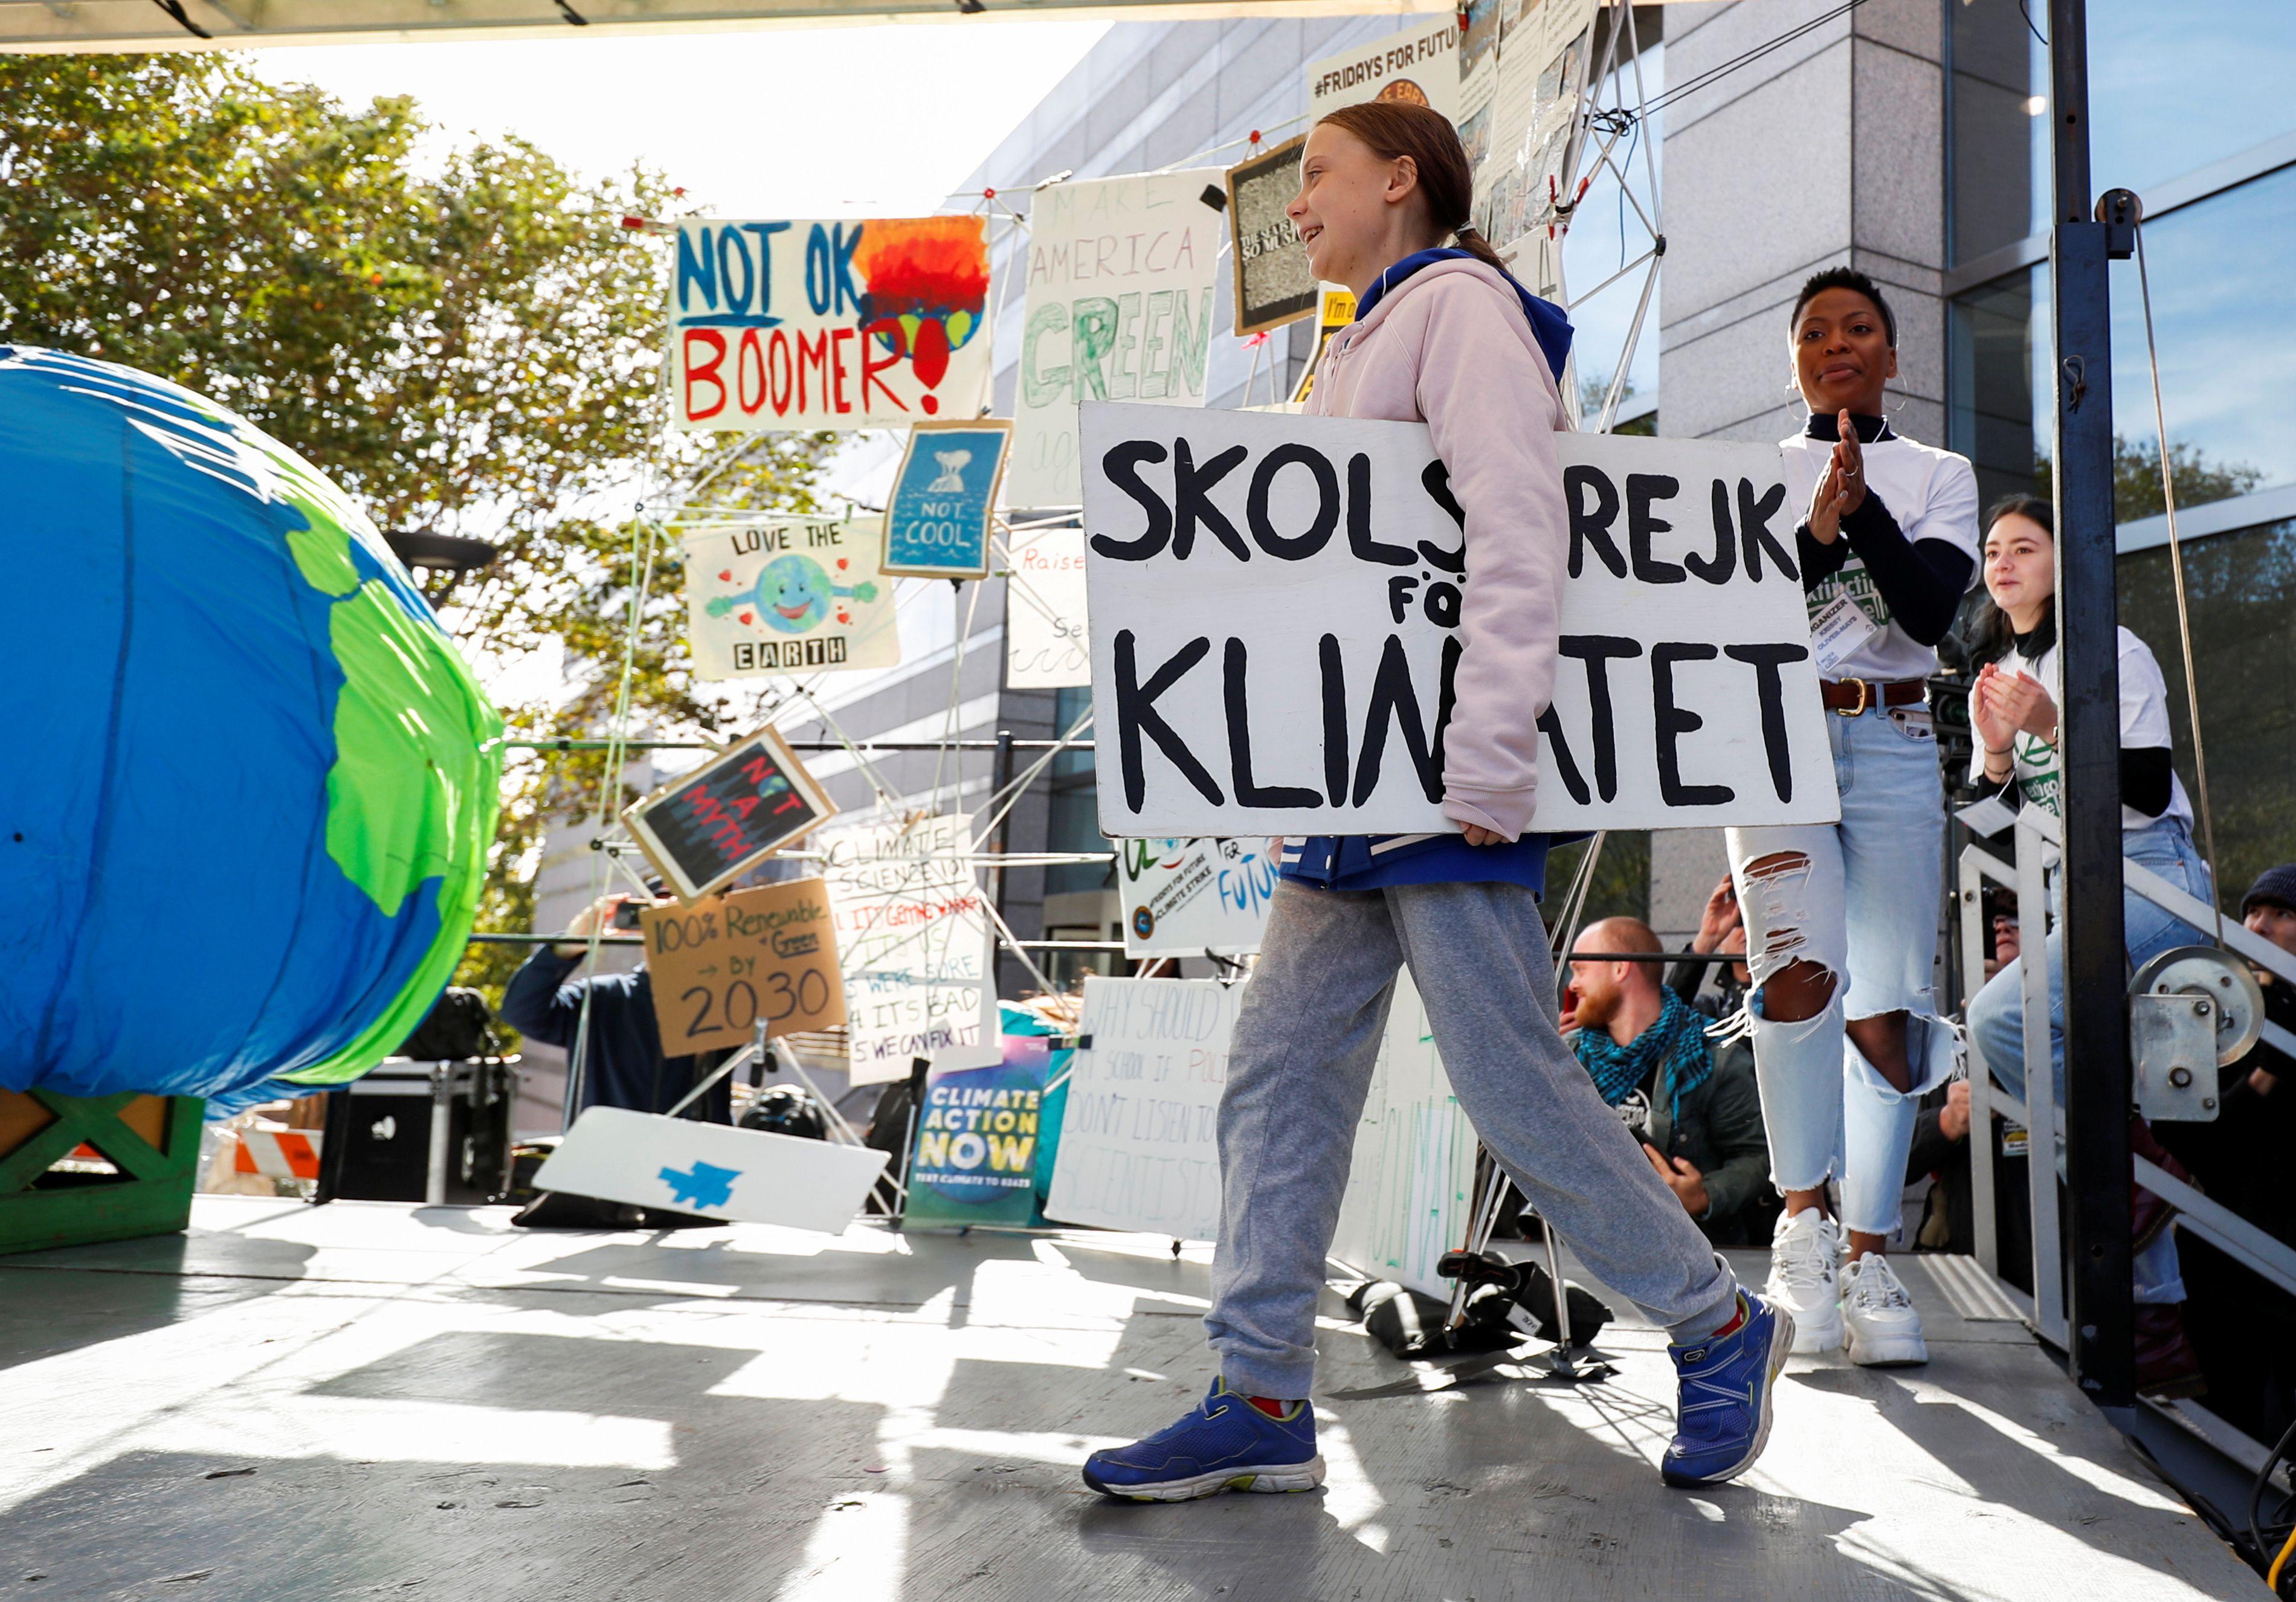 La activista Greta Thunberg inspiró a millones de jóvenes a movilizarse por el cambio climático